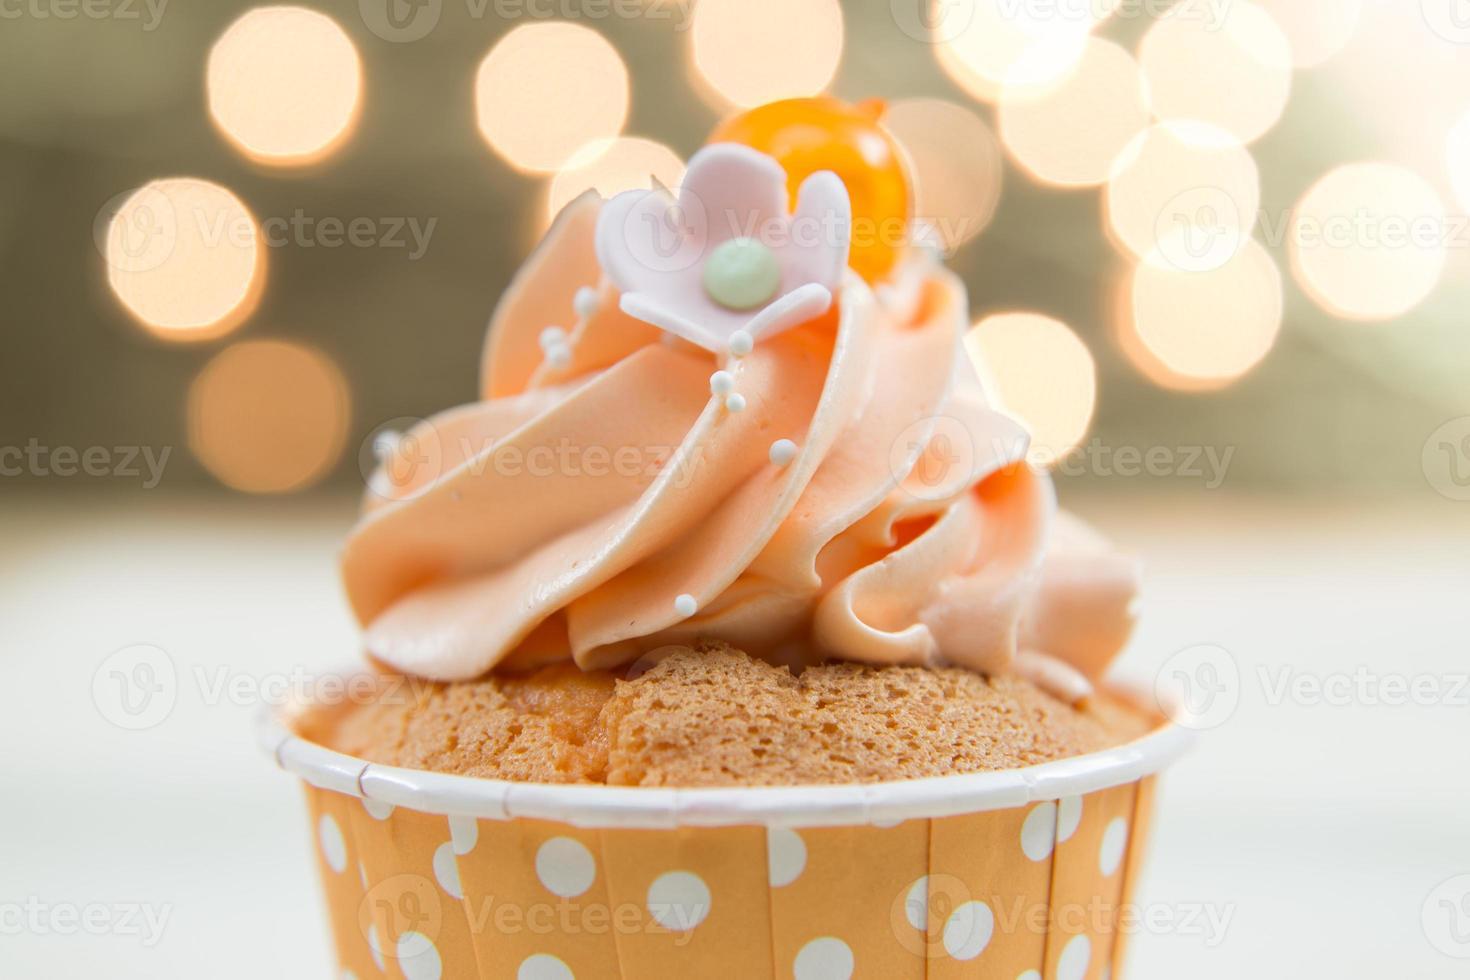 sabroso cupcake con crema de mantequilla foto